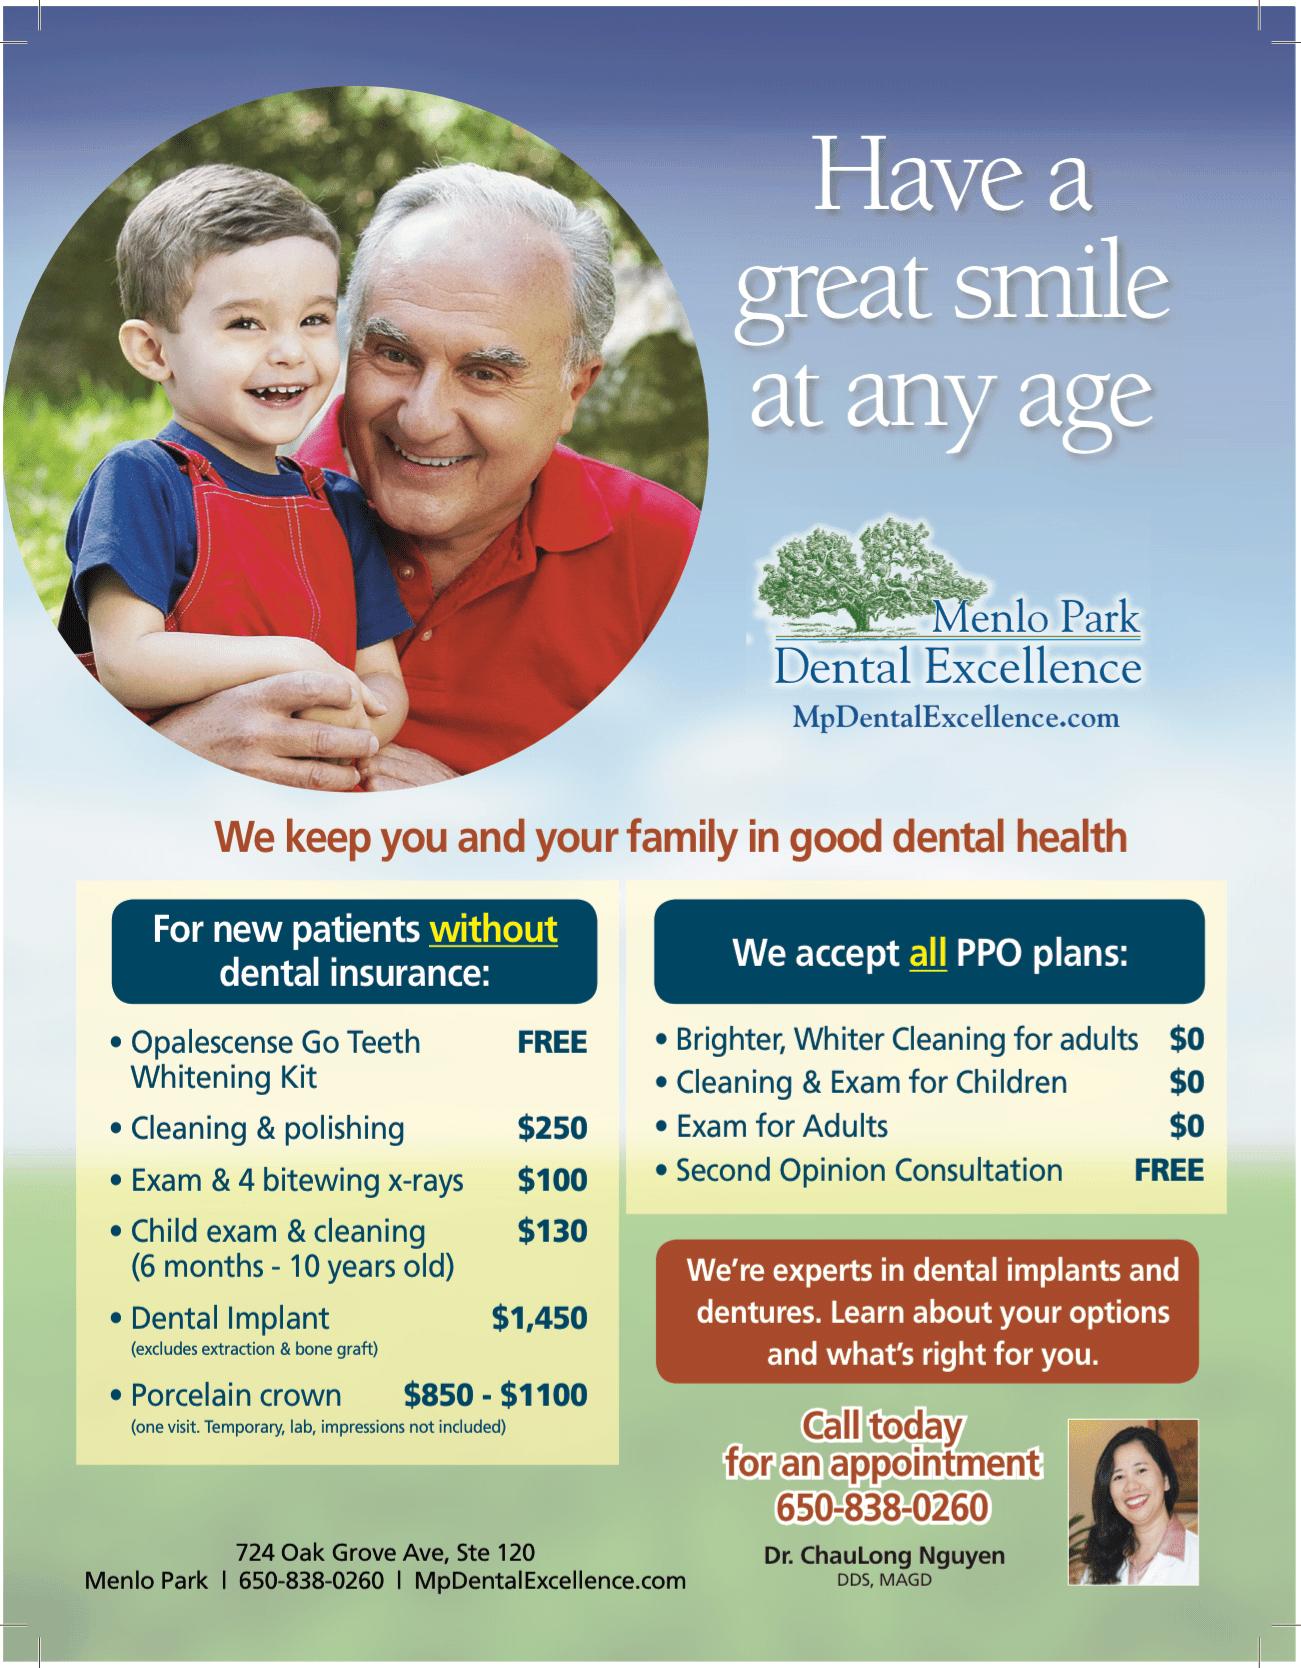 Fall-offer dental